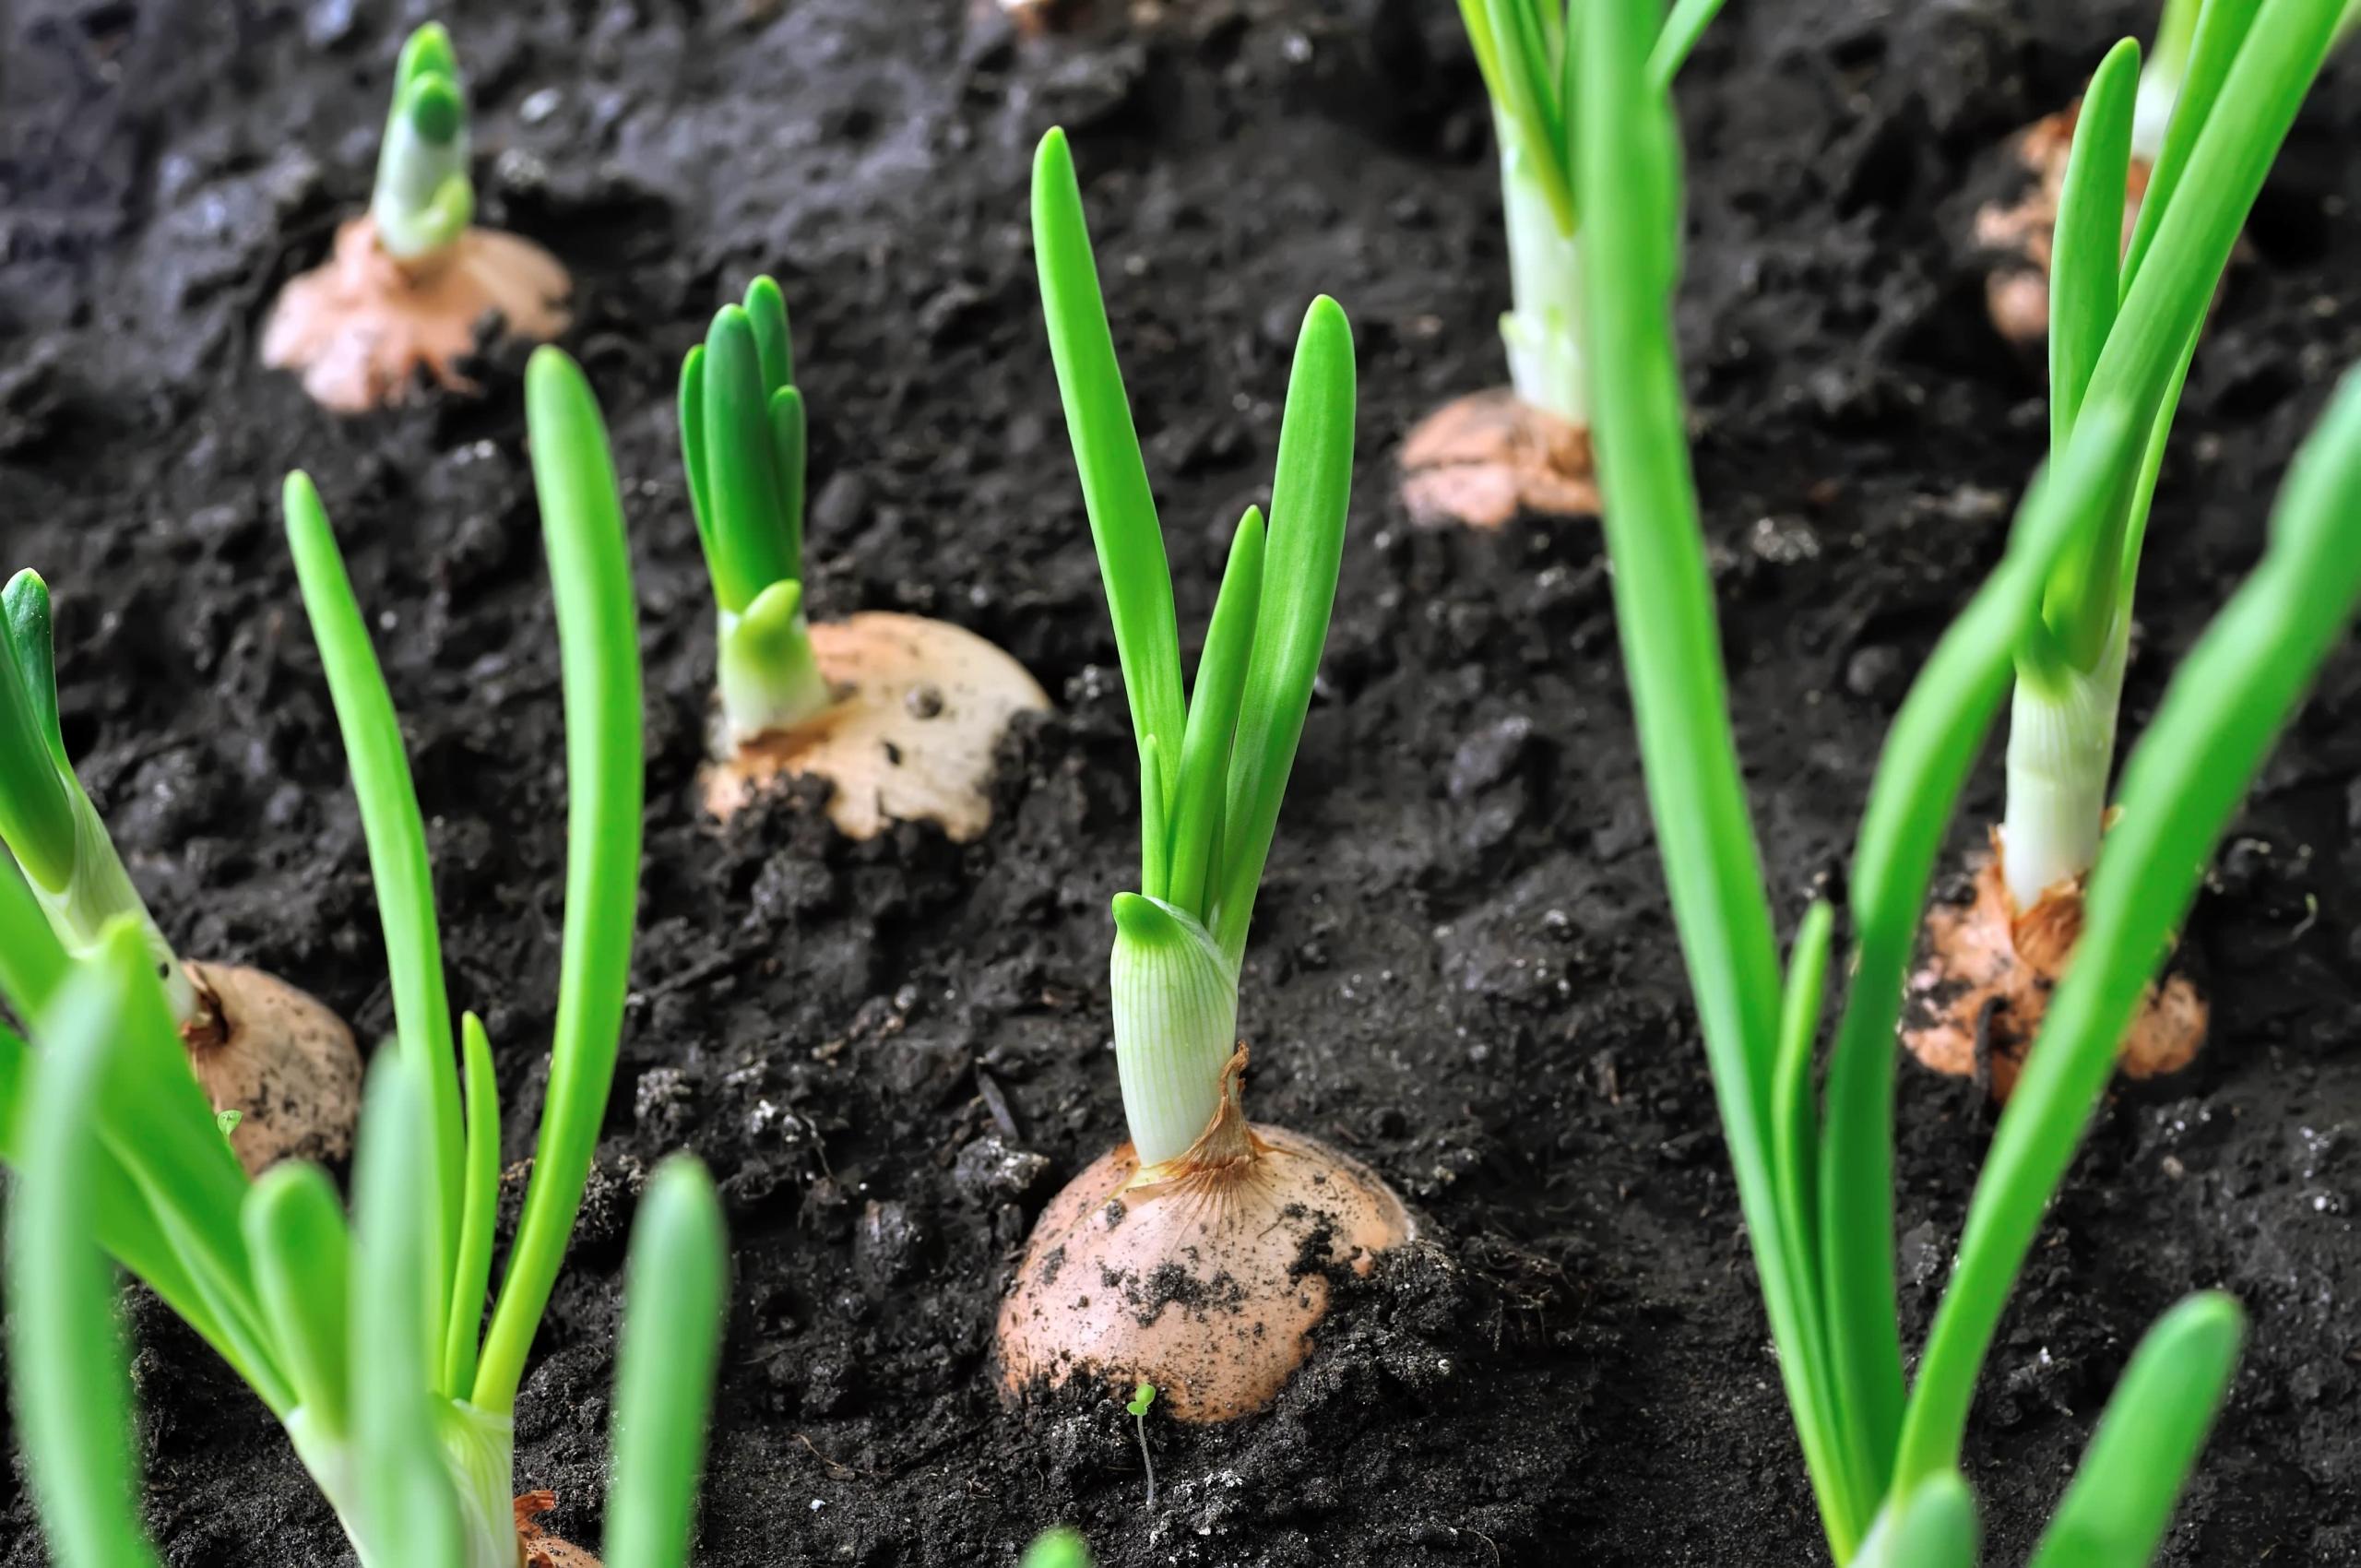 آموزش کاشت بذر پیاز